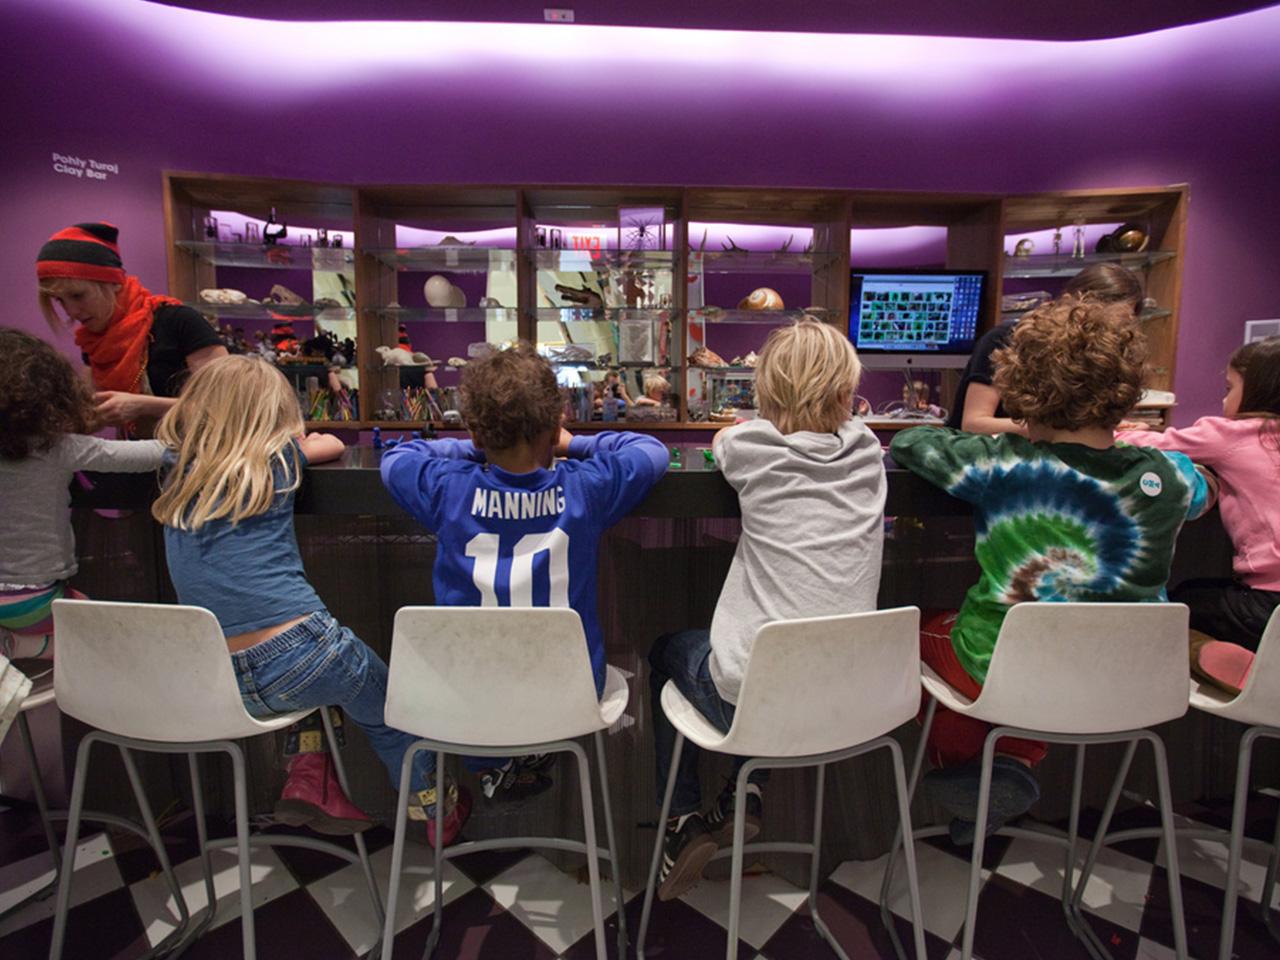 Listopedia: The Kids Museums Bucket List